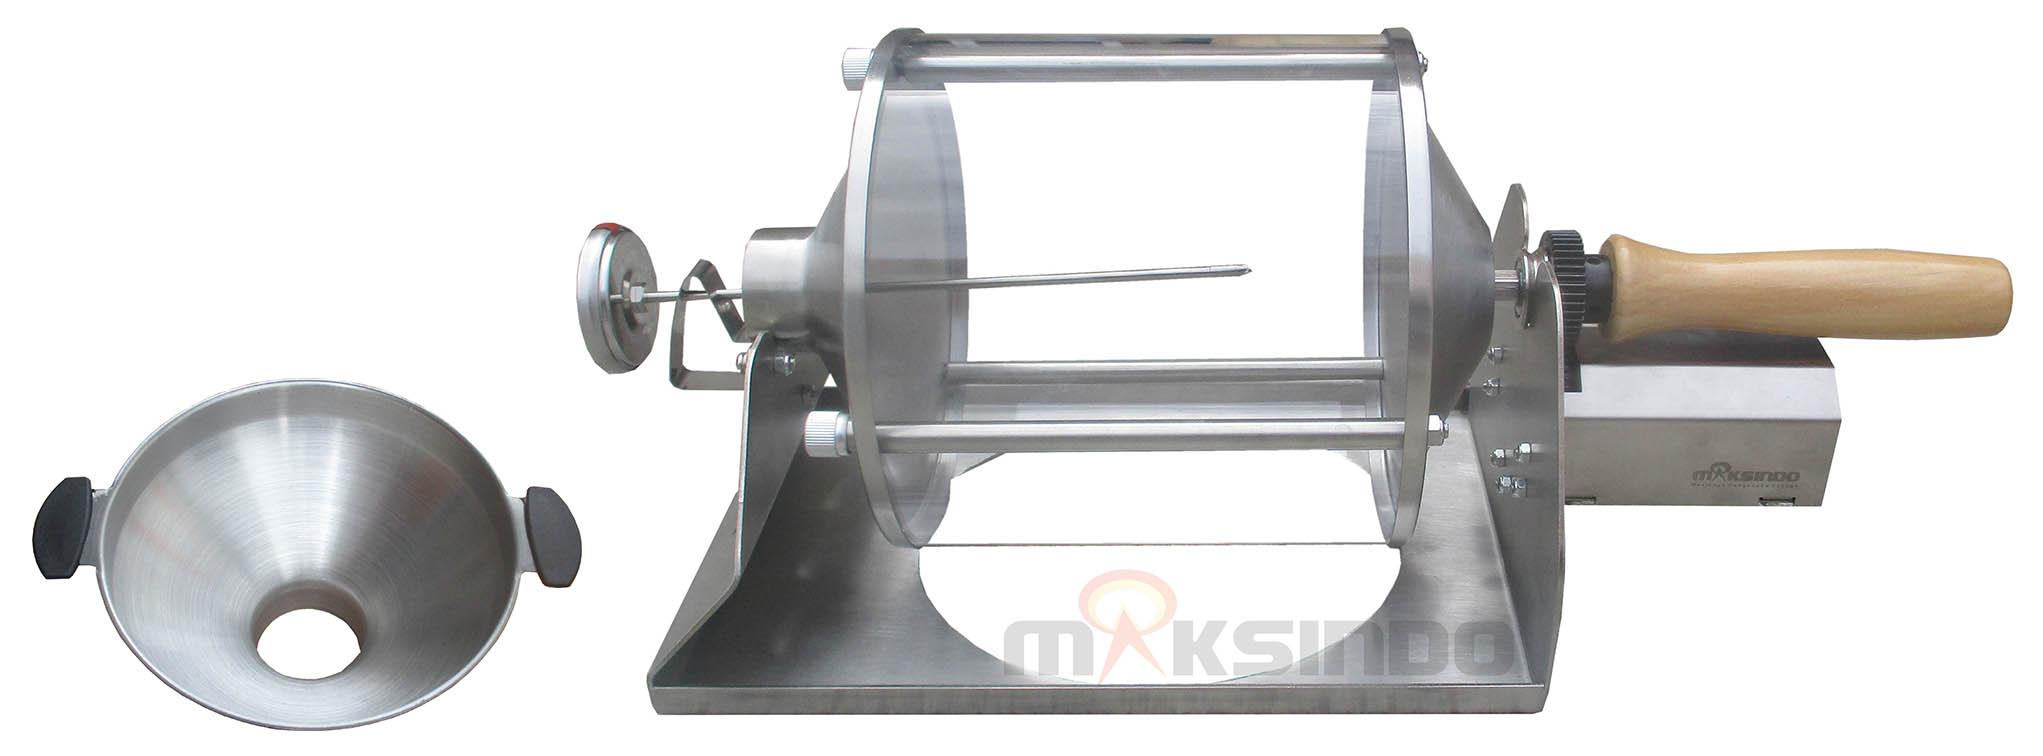 Jual Mesin Sangrai Kopi (Coffee Roaster) MKS-CRG400 di Blitar